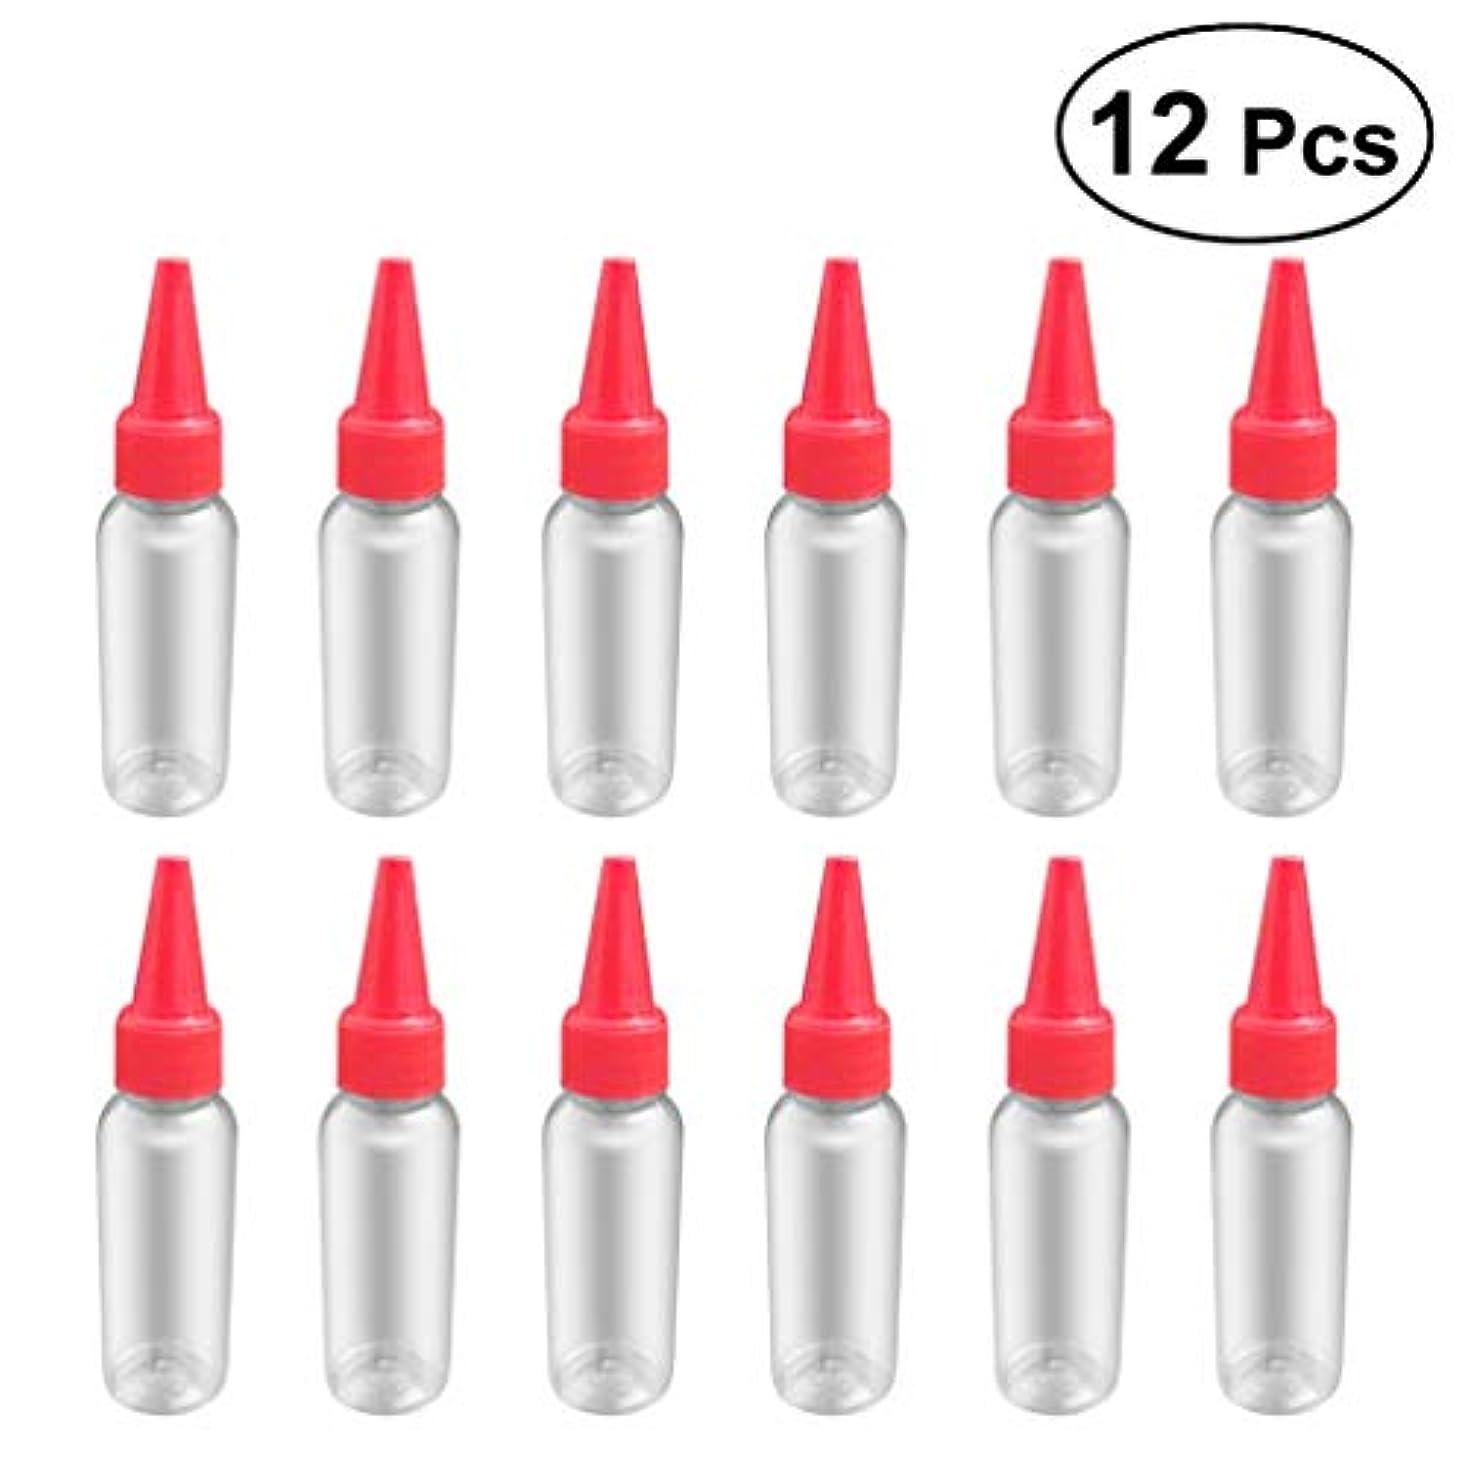 幸運前文かけがえのないSUPVOX 12ピース プラスチック アプリケーターボトル スクイズフロー デザイン チップキャップ 空ボトル 用液体 オイルグルー ディスペンサー ヘアカラー 40ml(赤)